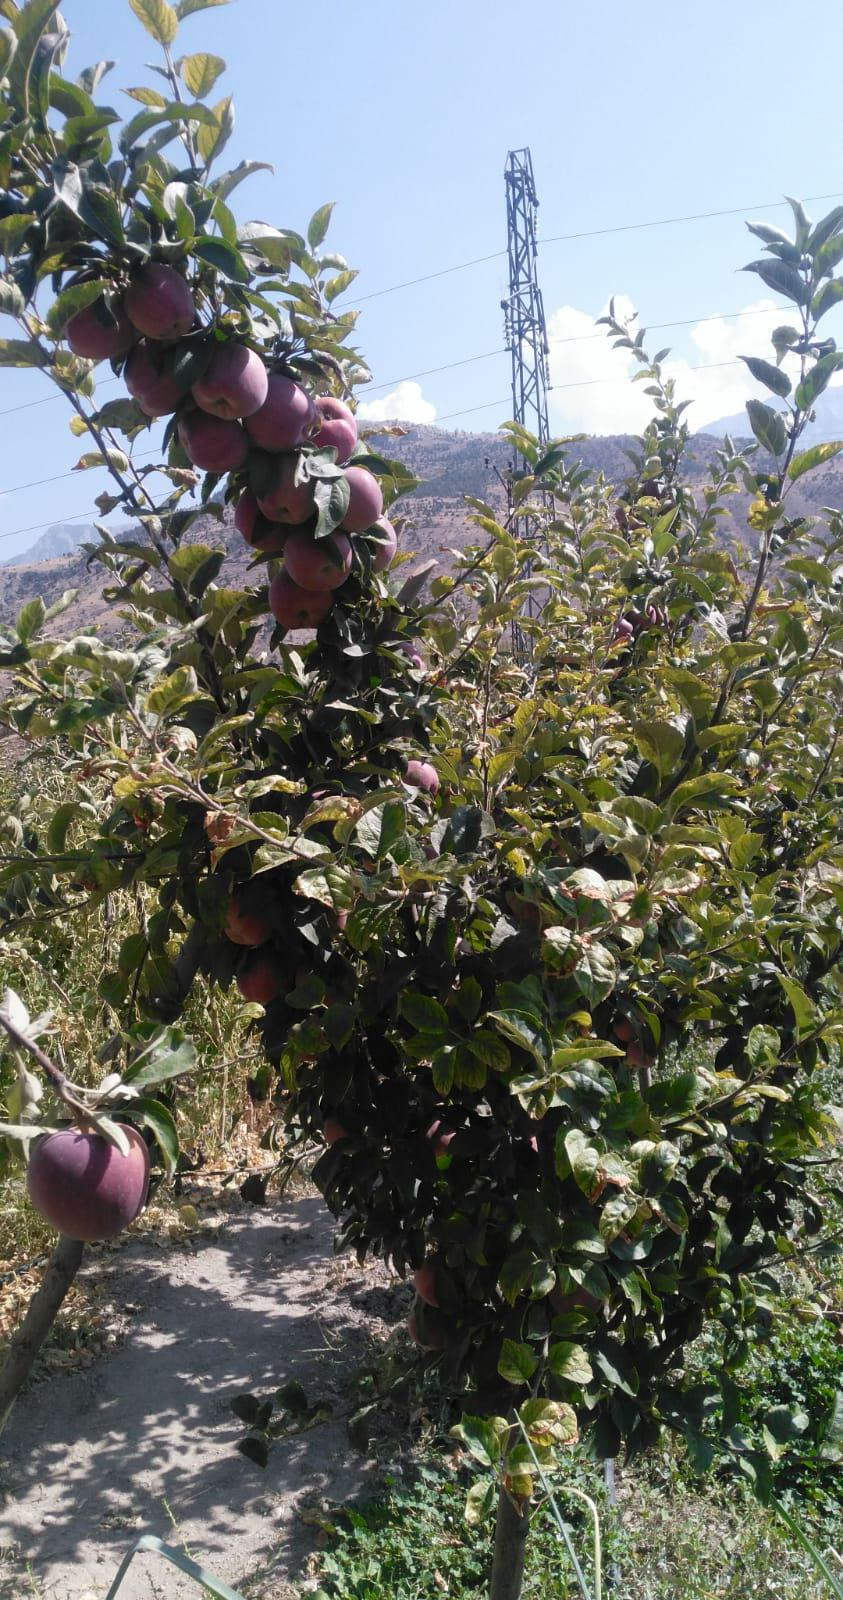 Elma - Üretici Akif Kocaduru 3.5 tl fiyat ile 4.000 kilogram starking delicious çeşidi elma satmak istiyor